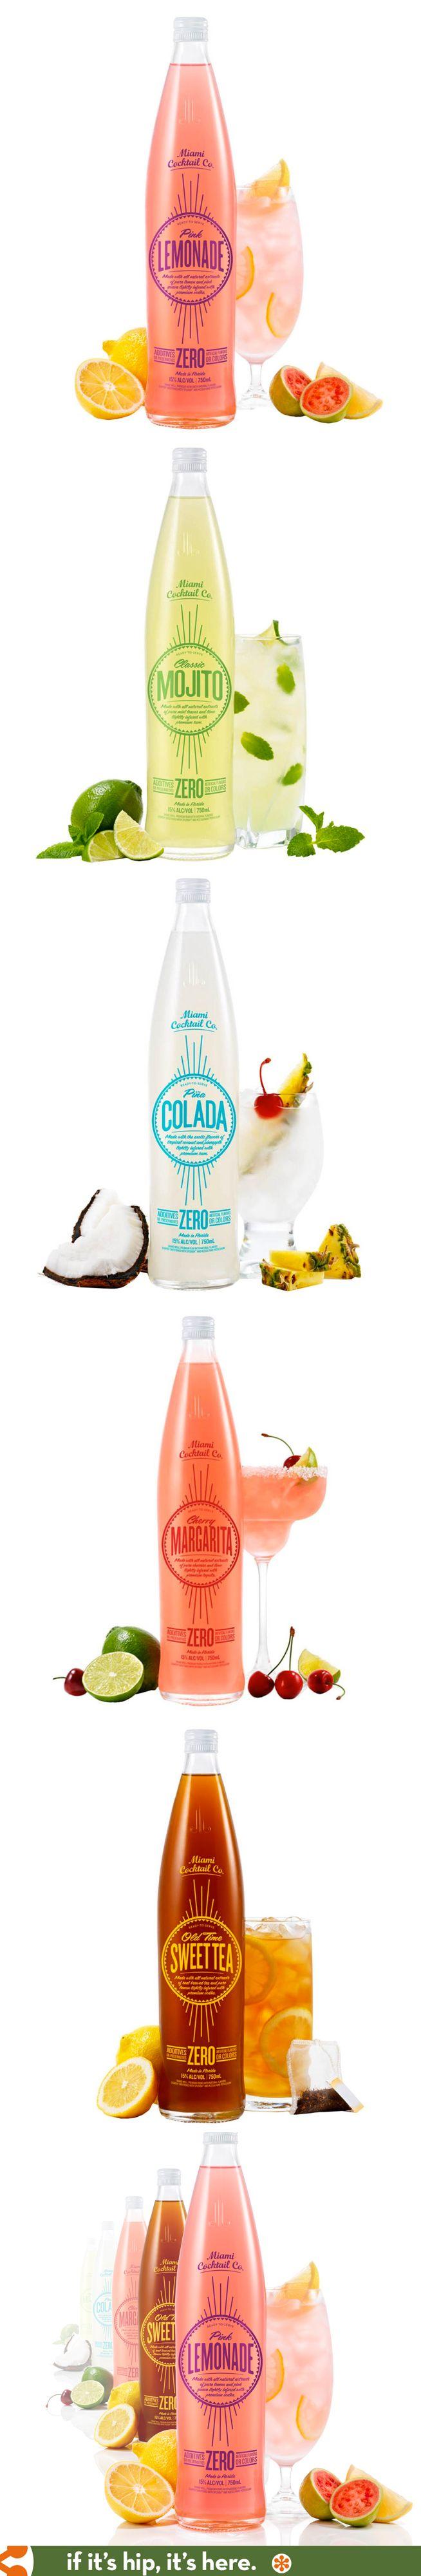 Miami Cocktail Company's fun retro bottle designs.